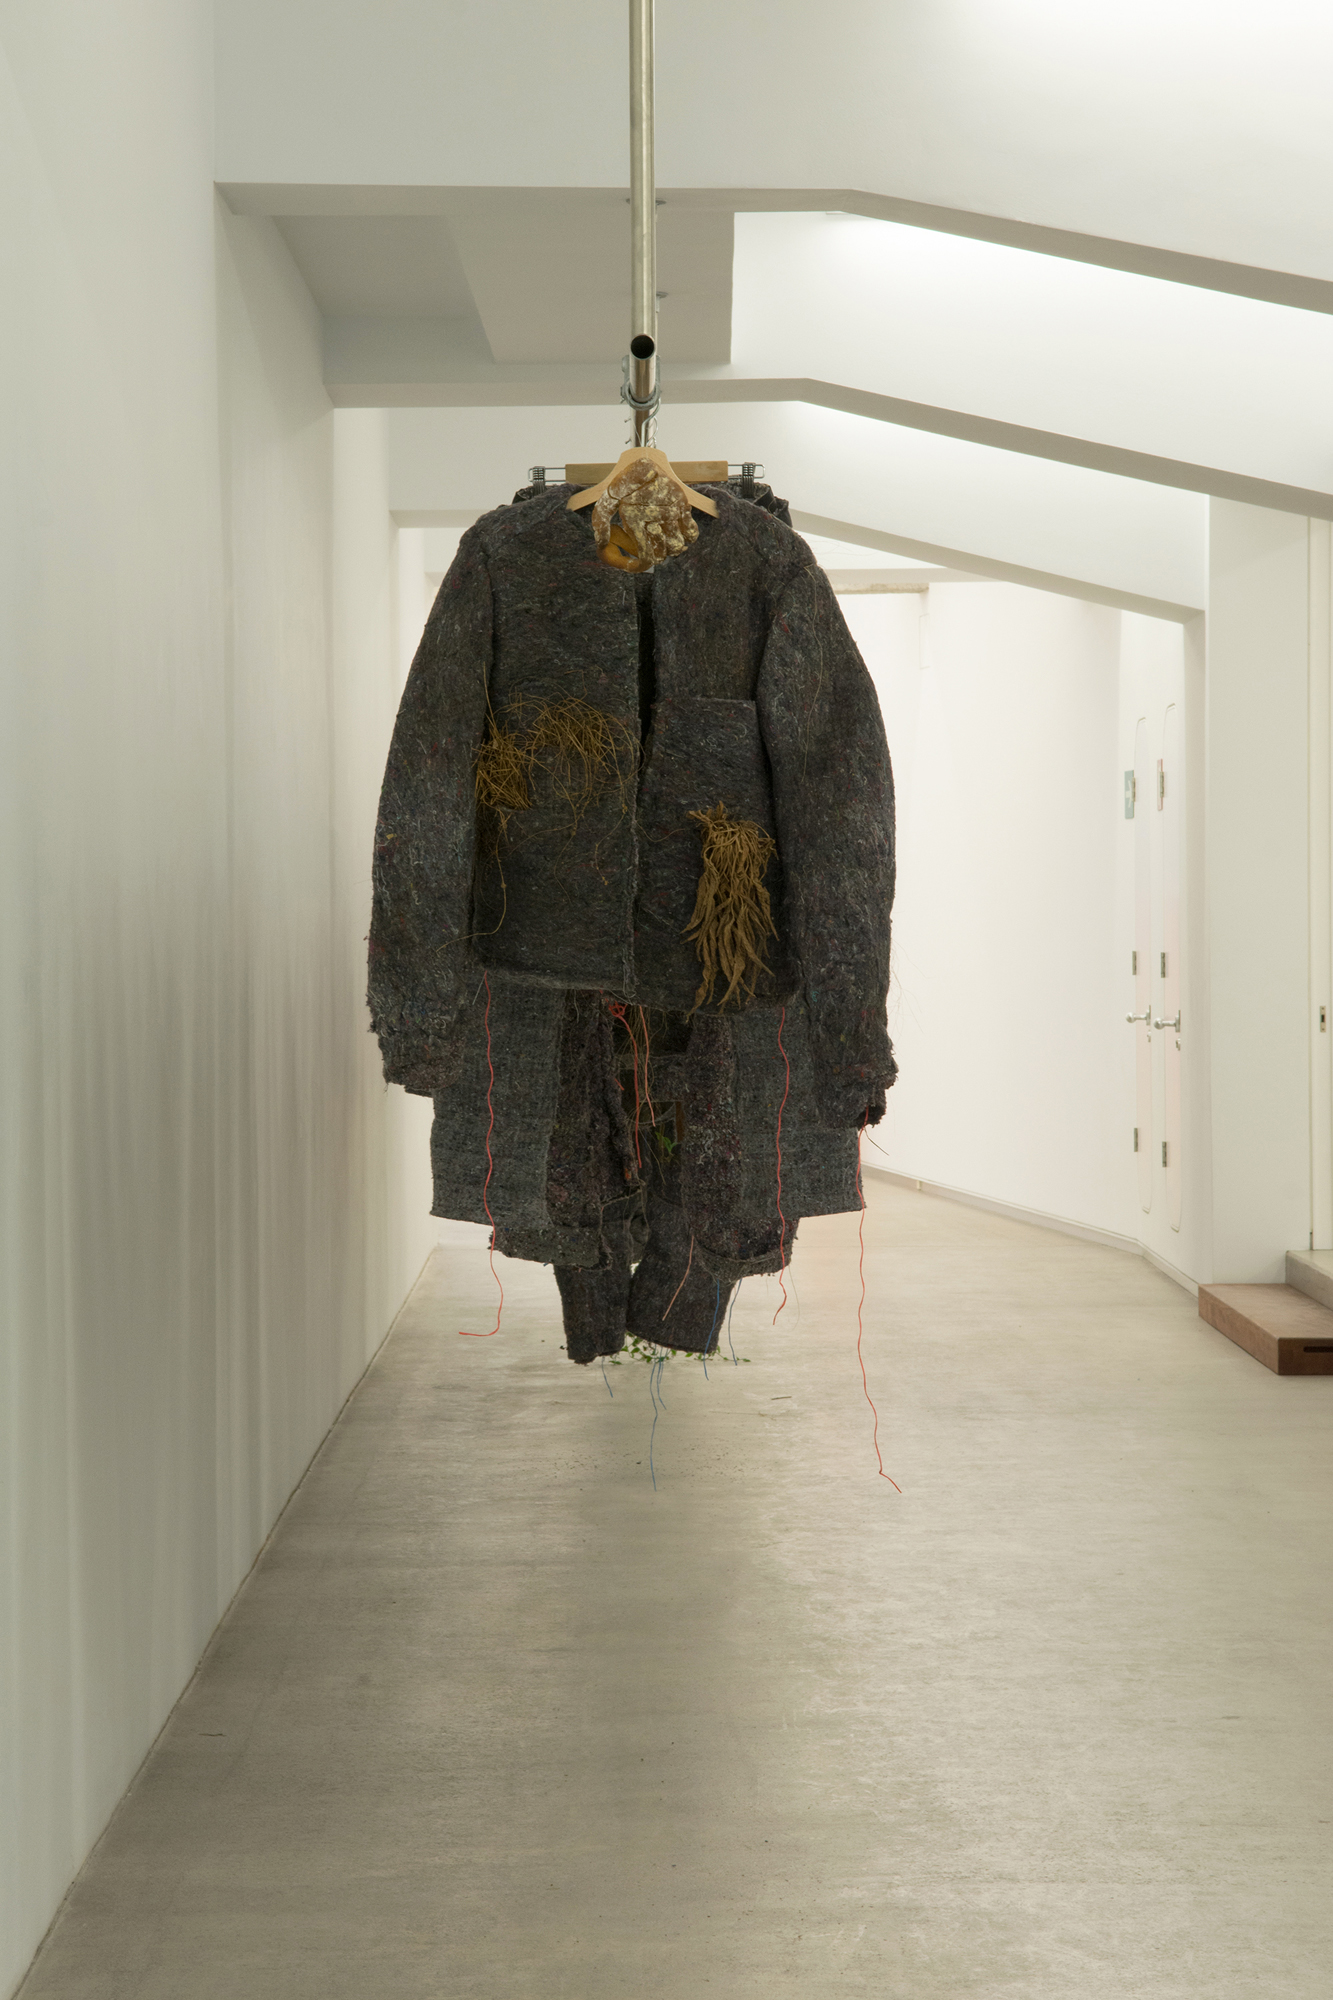 Zigor Barayazarra (2016) - Ejercicios de voluntad (vivir en la escultura)